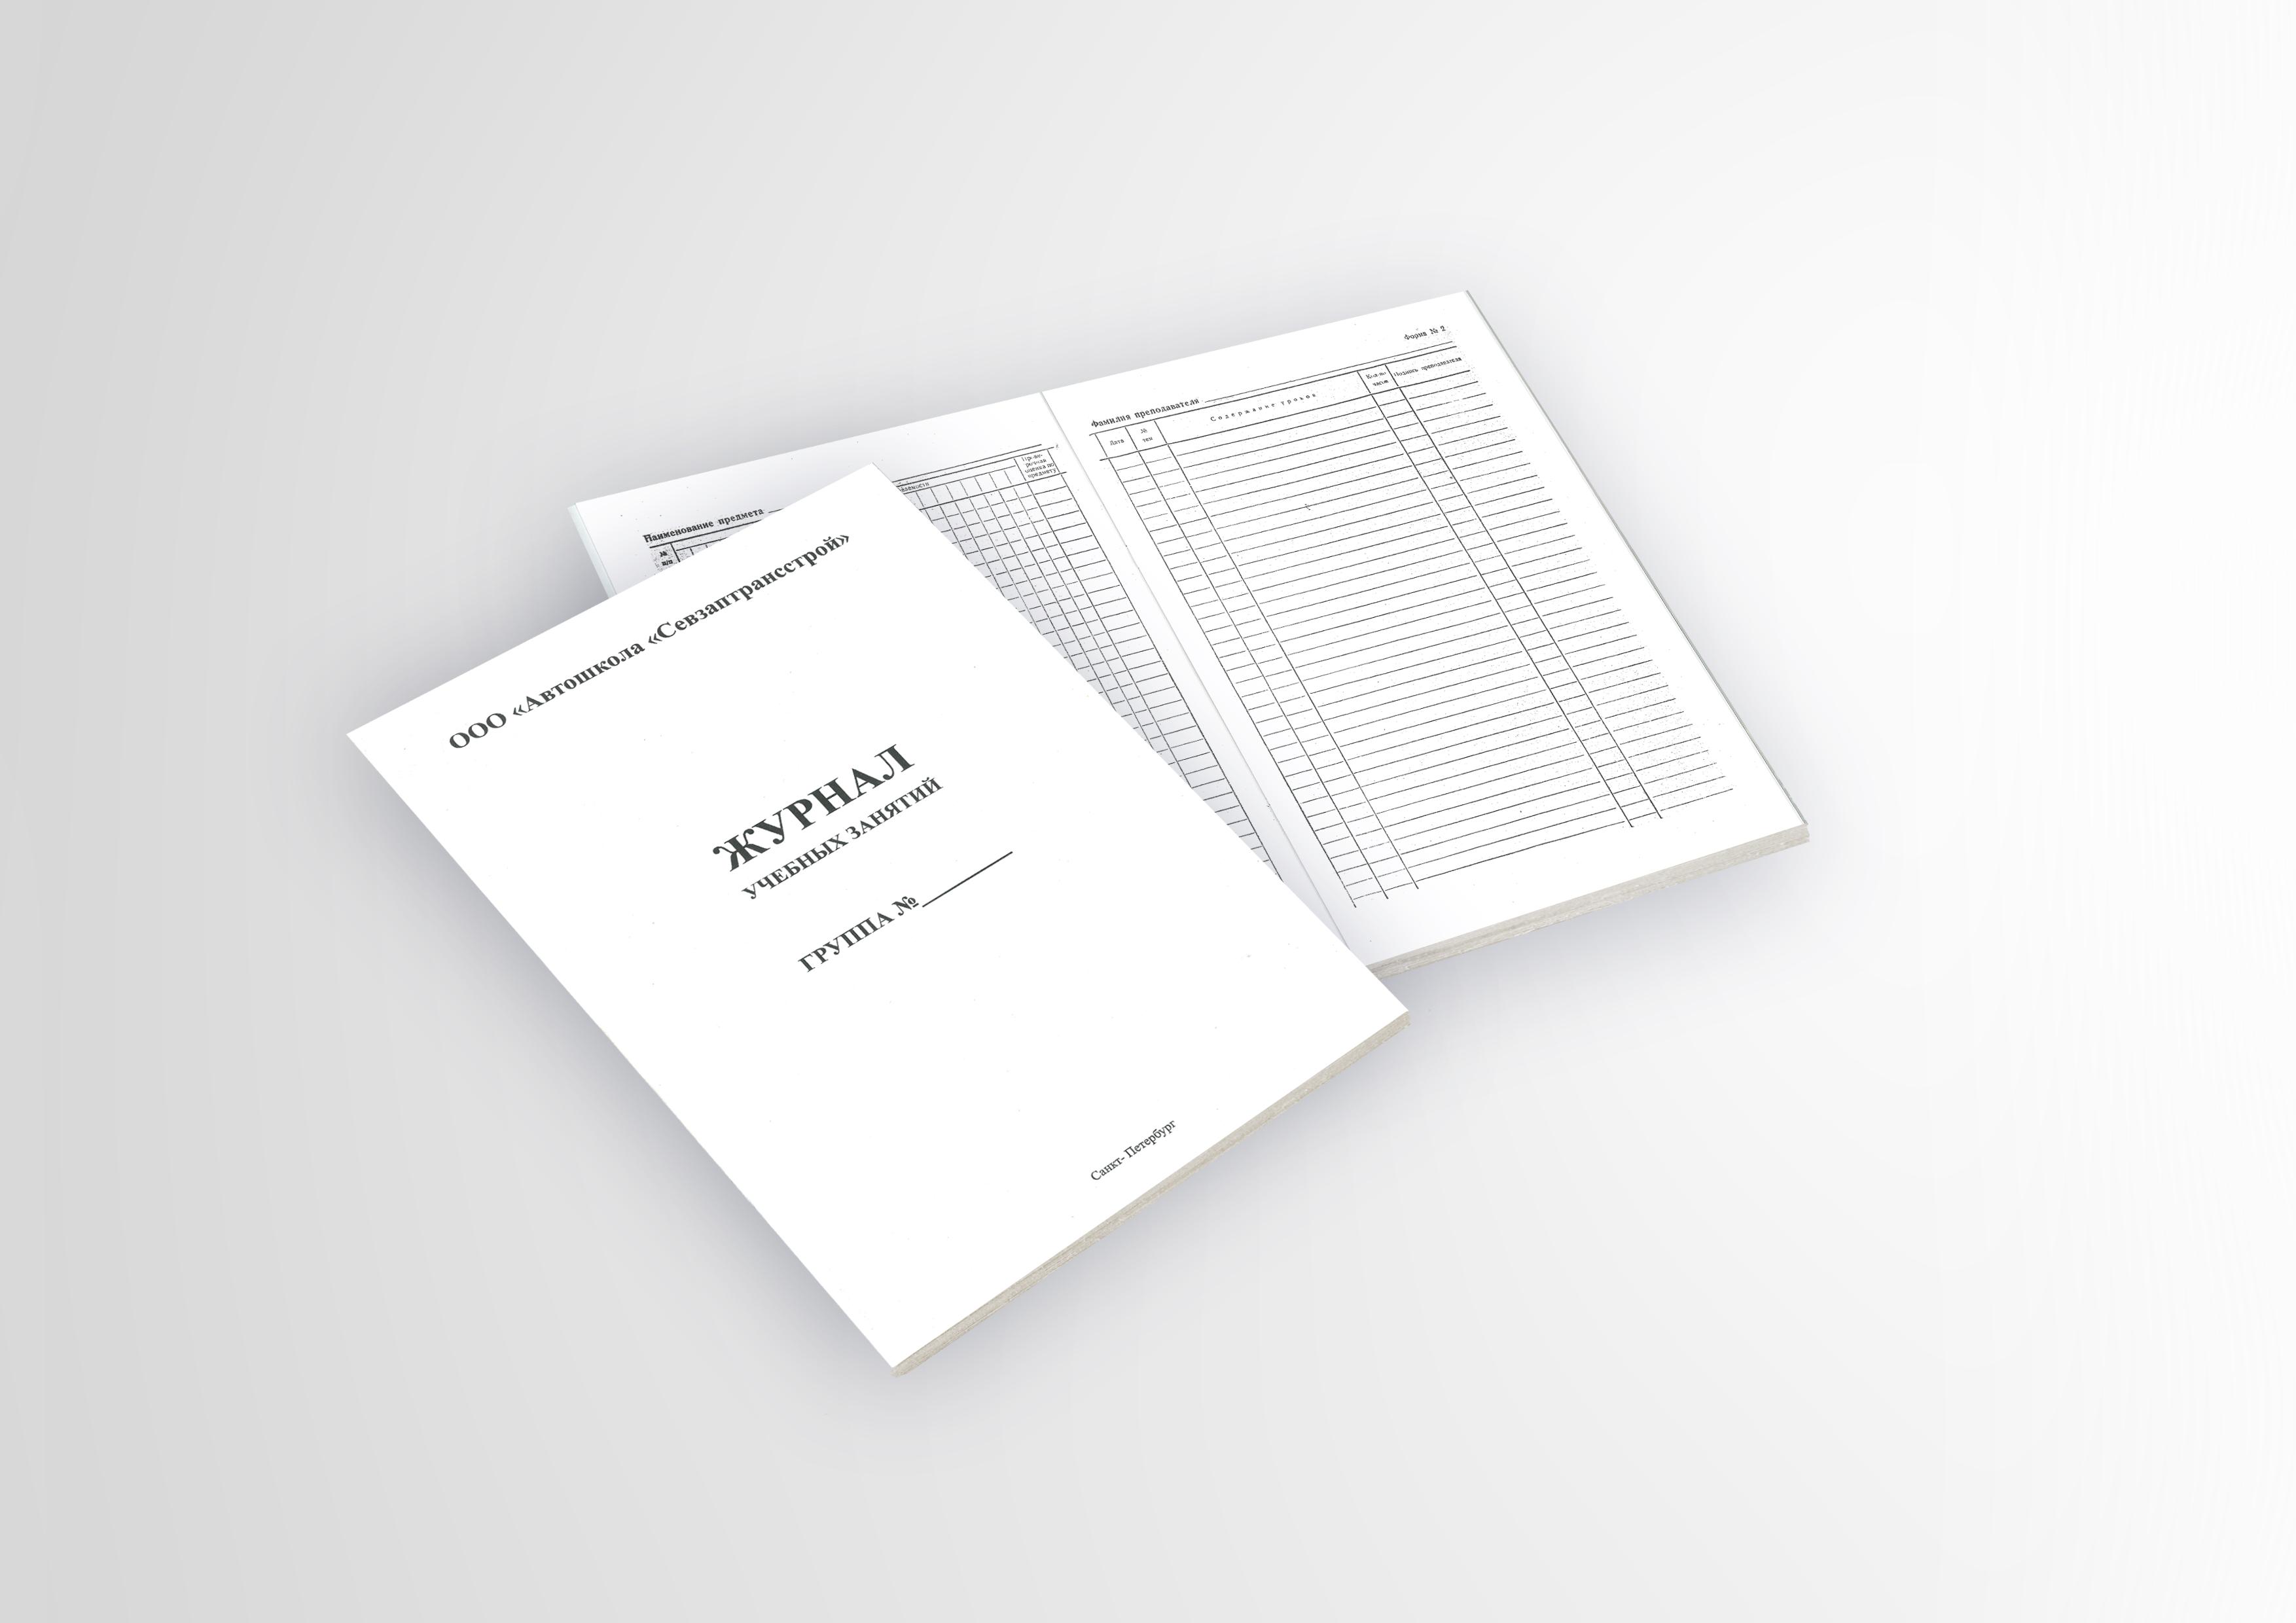 Печать журнала учебных занятий